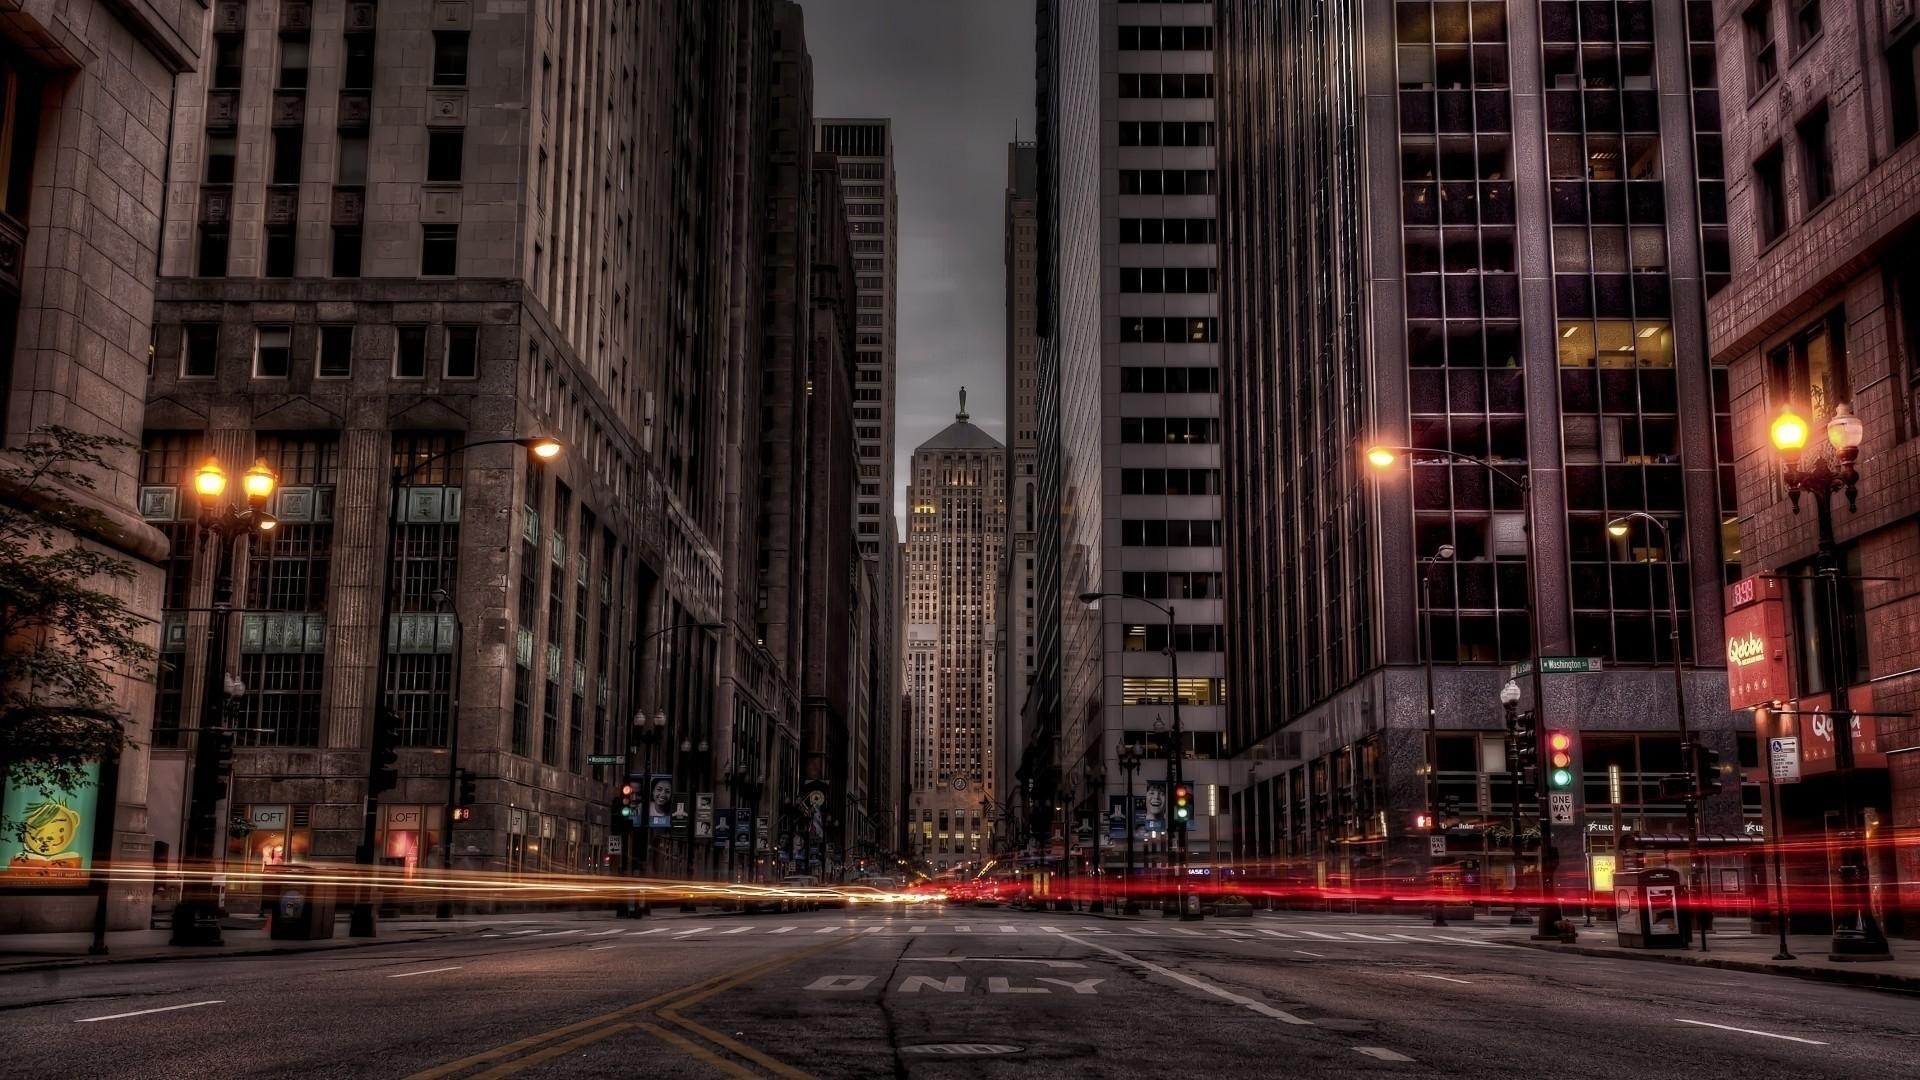 City Street World HD desktop wallpaper, City wallpaper, Light wallpaper, Street  wallpaper – World no.